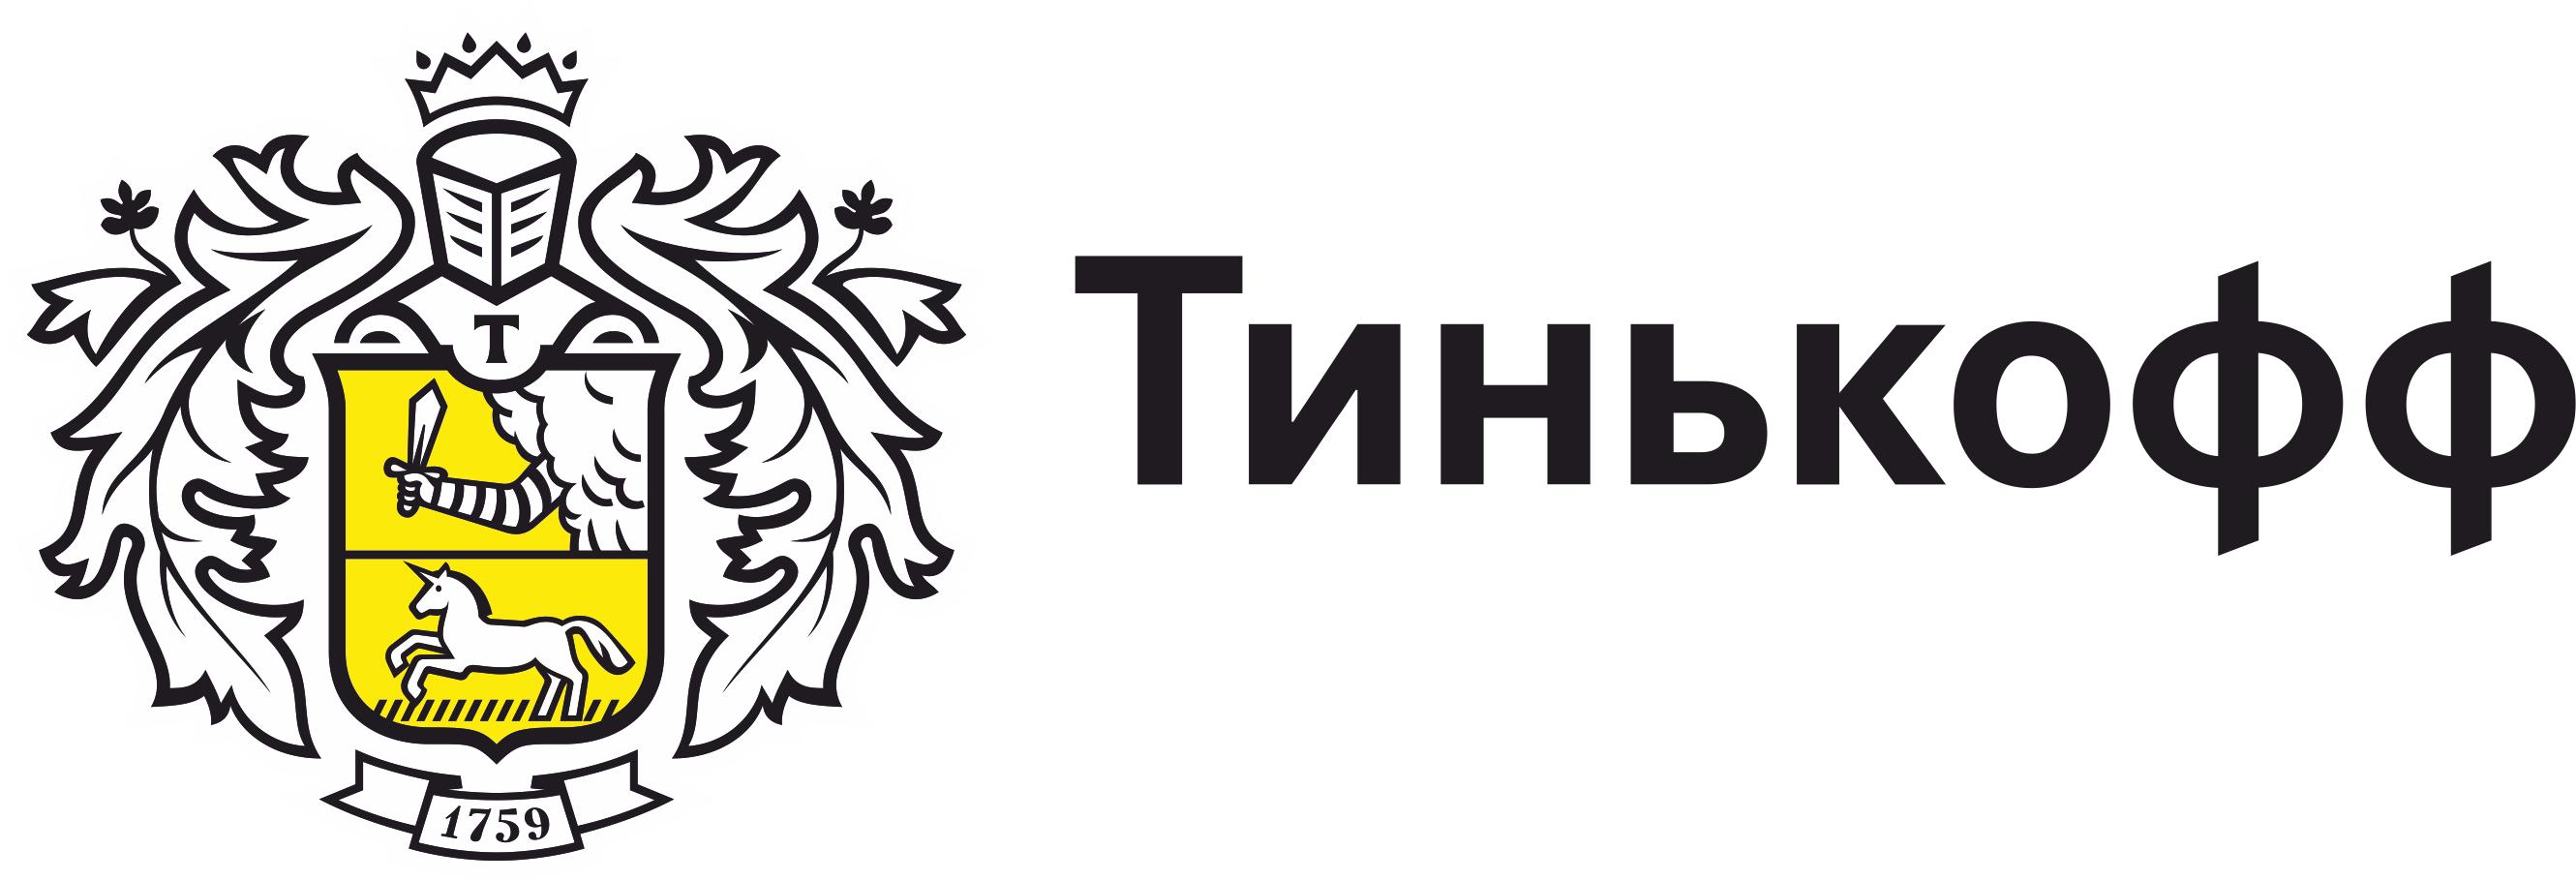 Как заказать кредитную карту банка «Тинькофф»